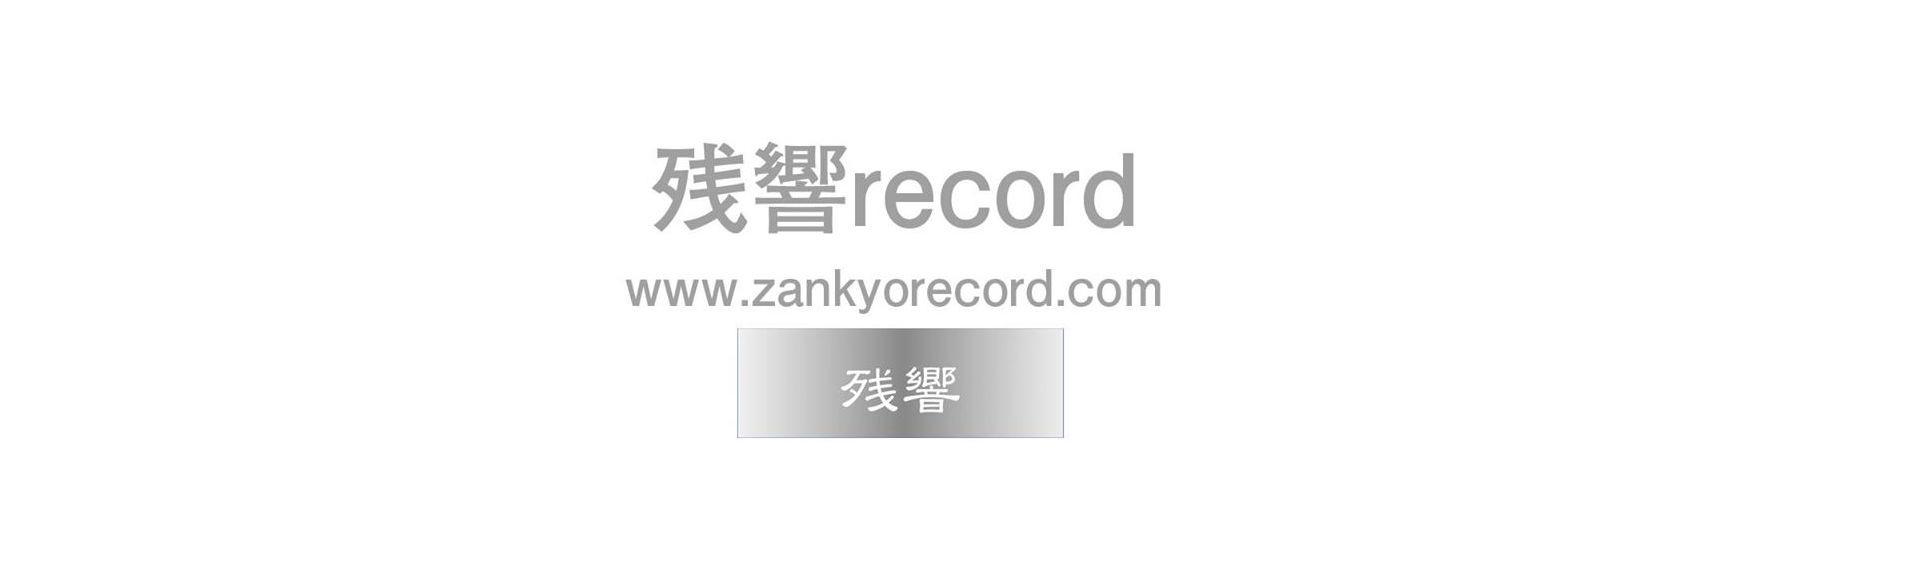 Zankyo shop